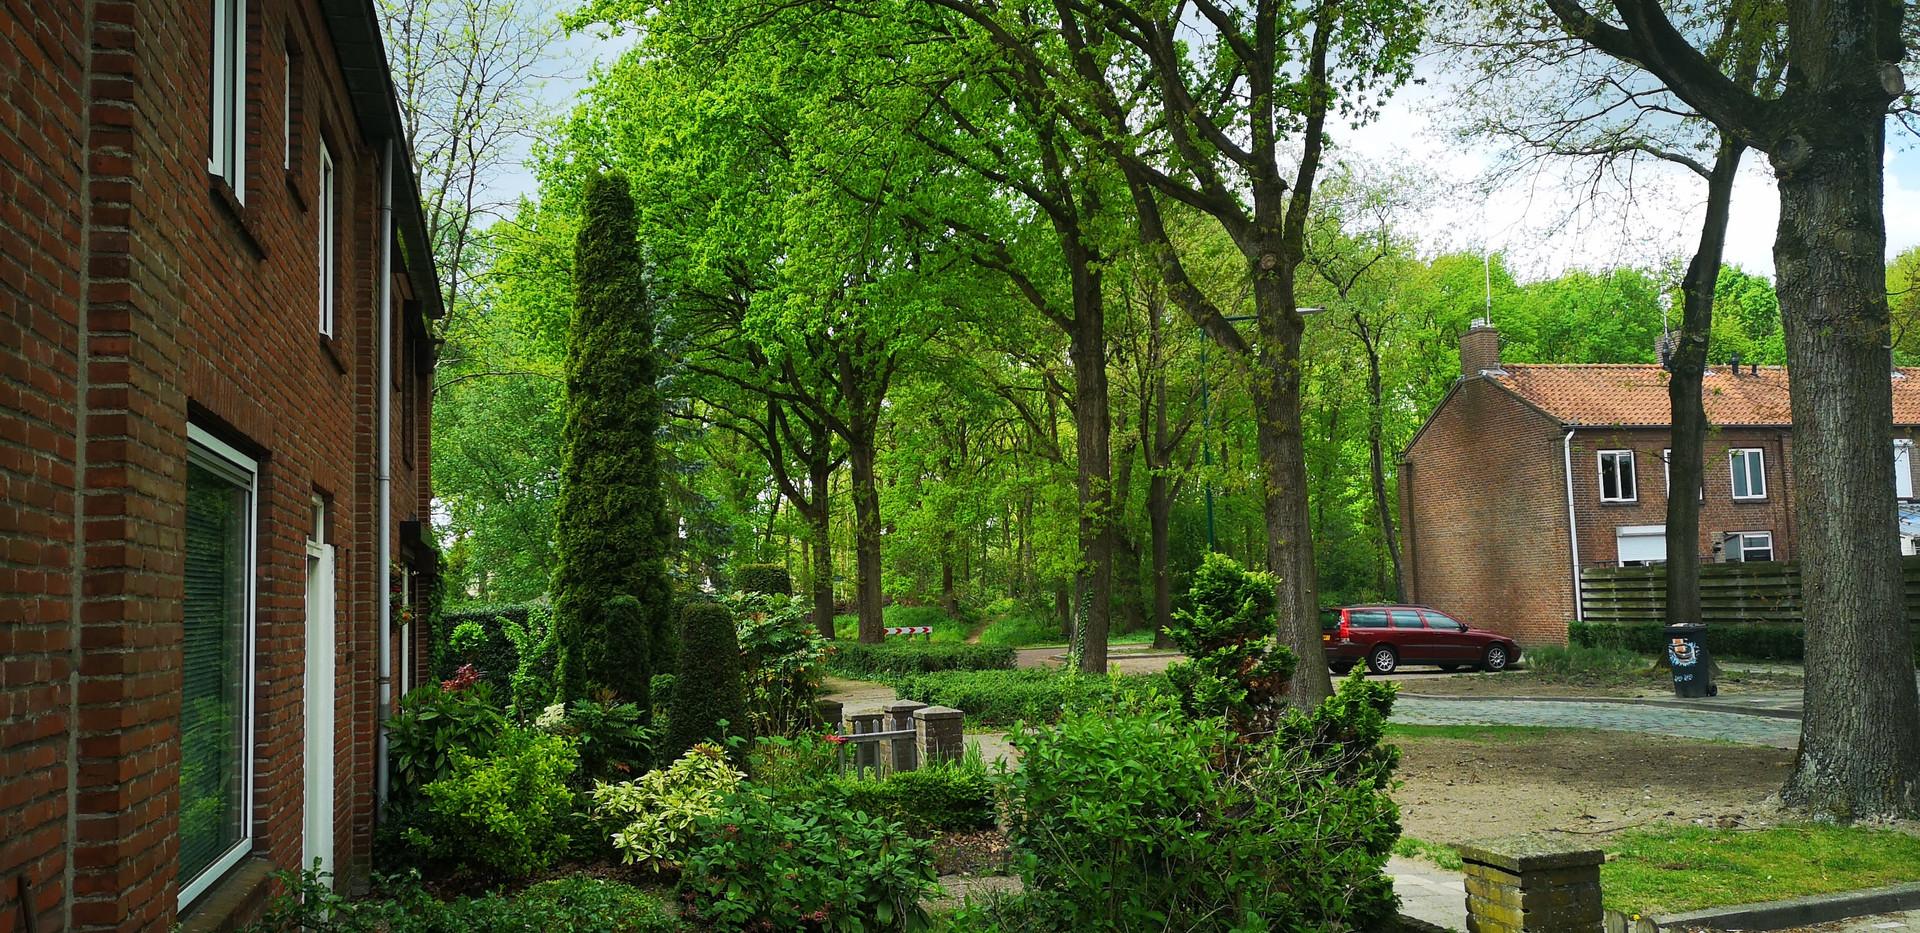 Karel Doormanstraat groen buurtje.jpg